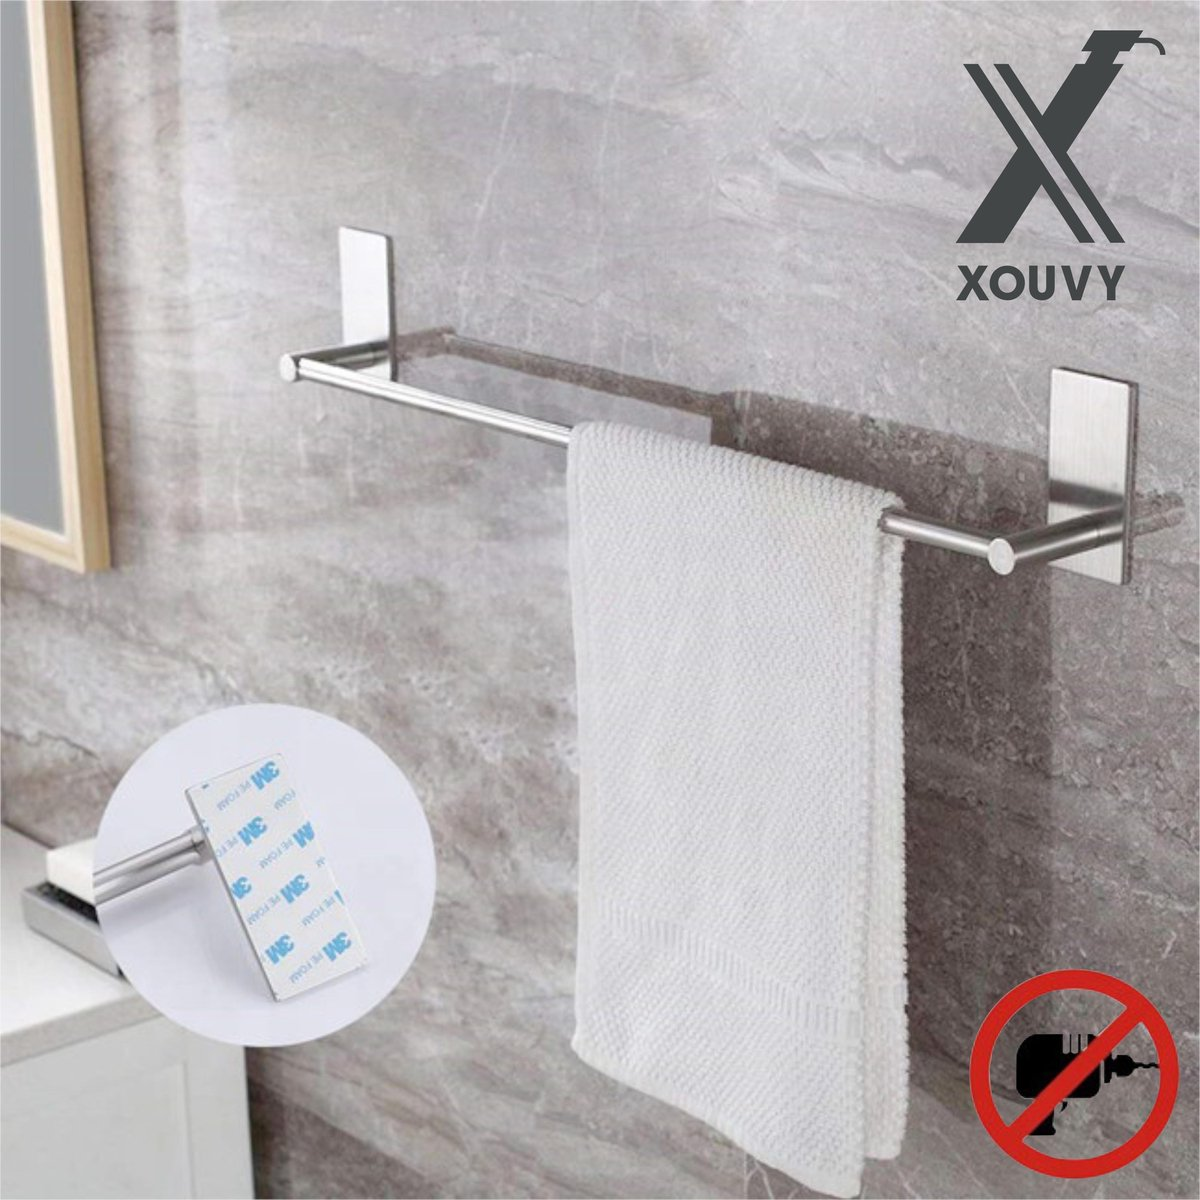 Xouvy zelfklevend handdoekrek 40 cm - handdoekstang - handdoekhouder - zelfklevend - zonder boren - plakstrip - RVS Geborsteld